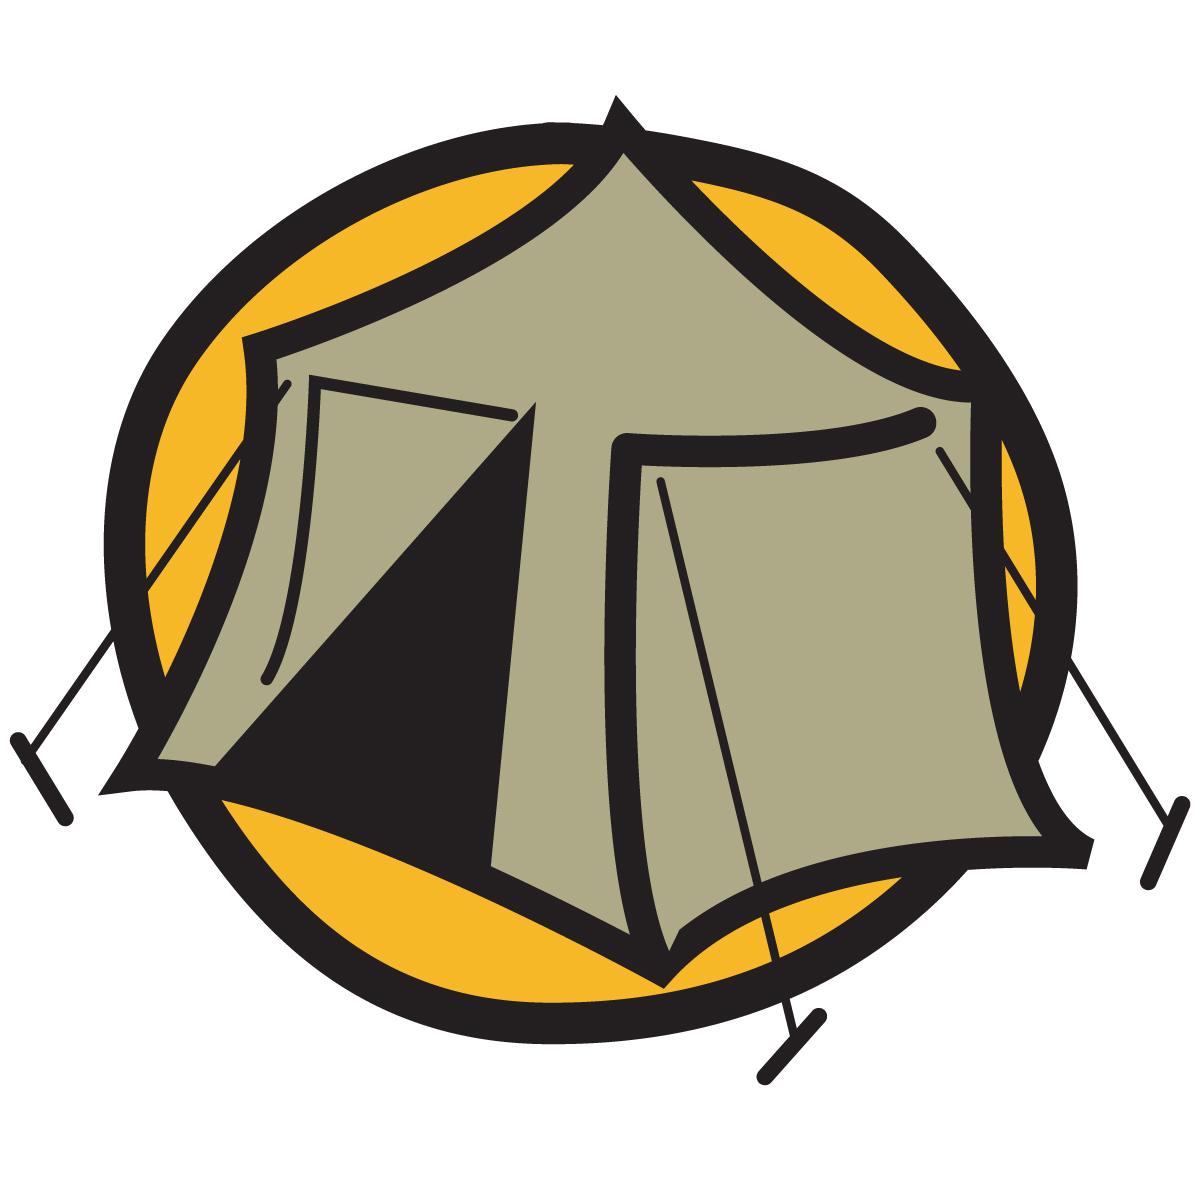 1200x1200 Campfire Tent Clip Art Clipart Image